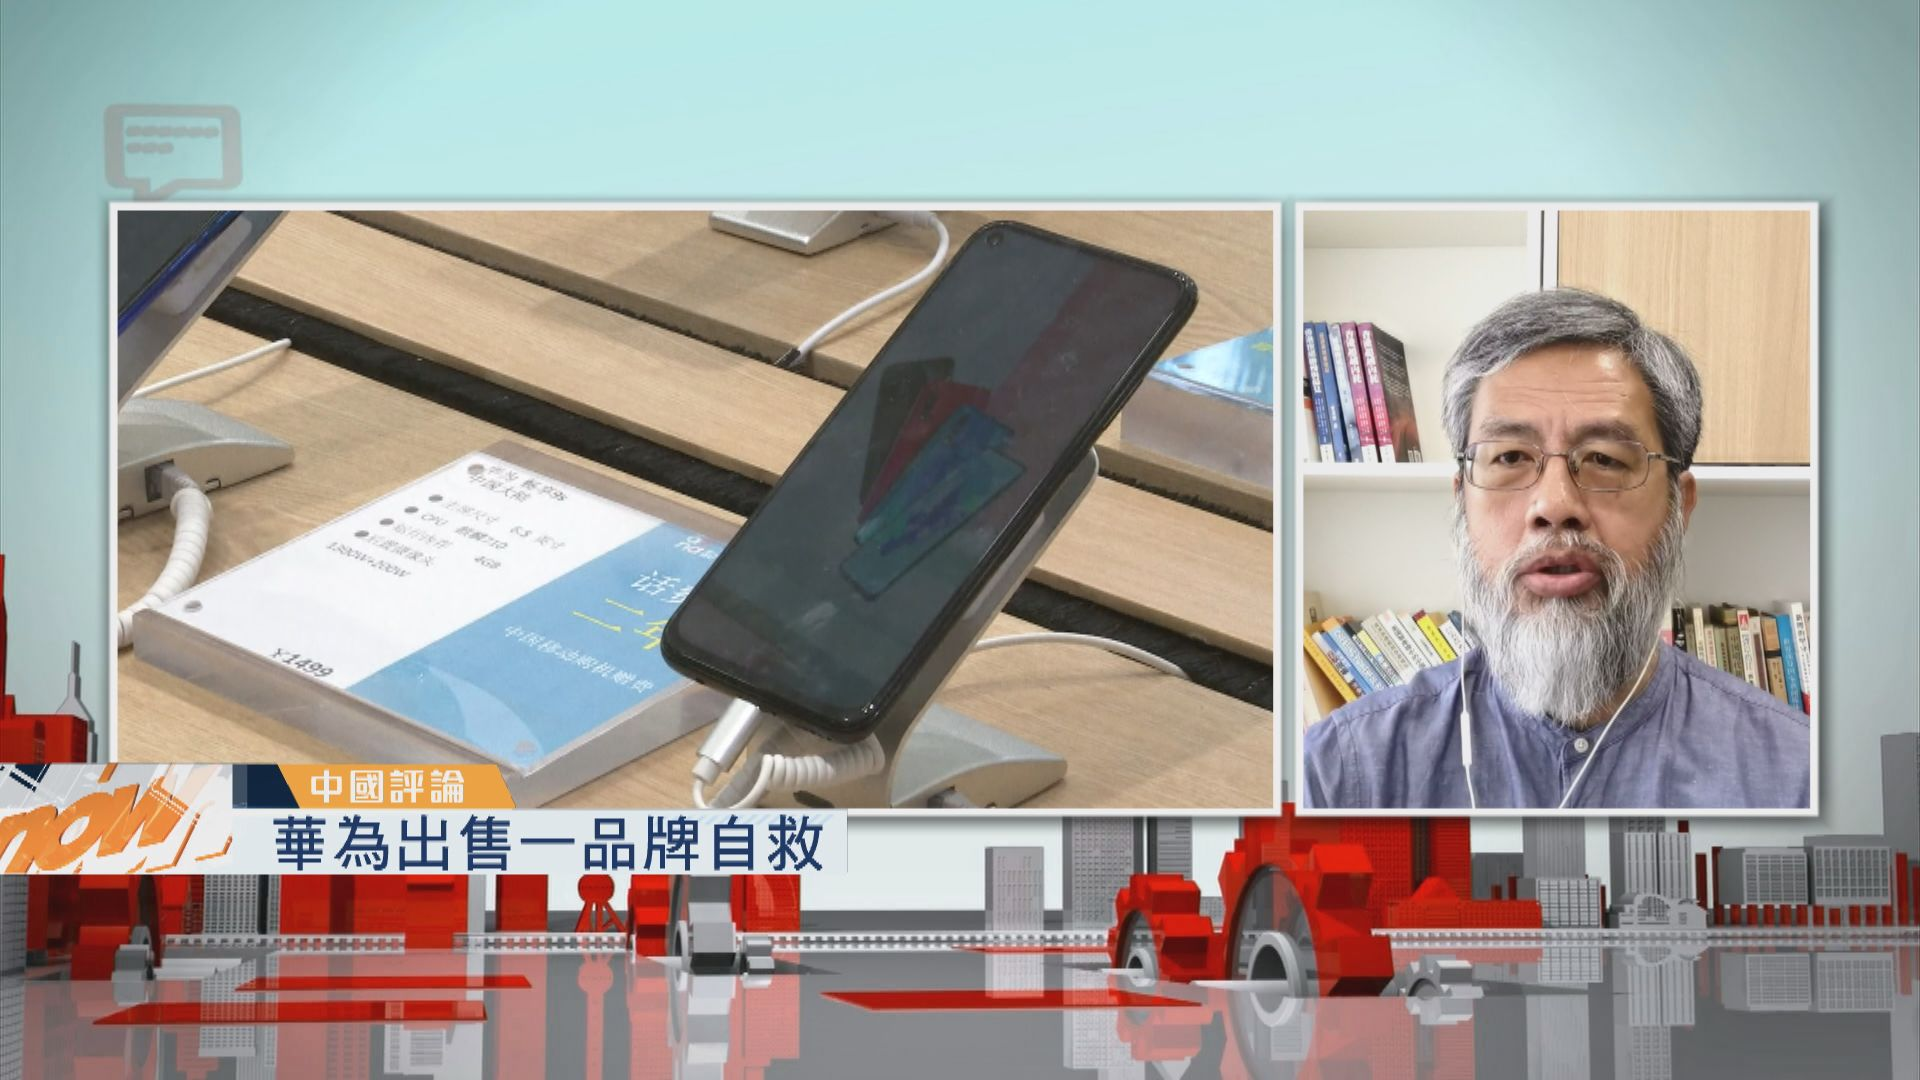 【中國評論】華為出售品牌自救/快遞公司僱員出售顧客個人信息